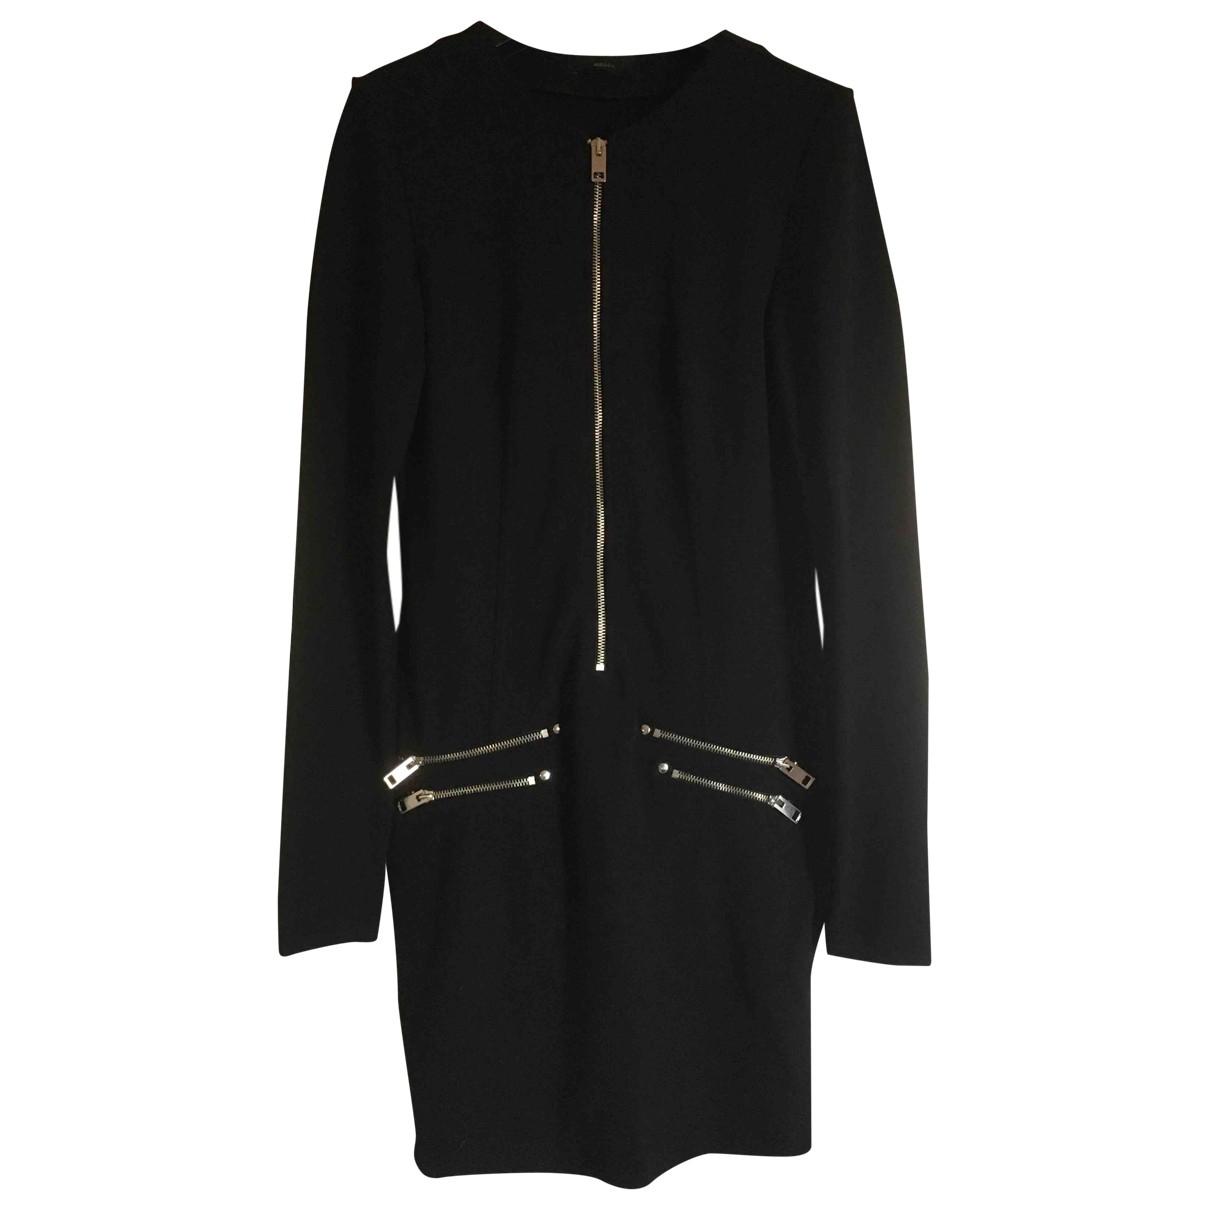 Diesel \N Black dress for Women 42 IT